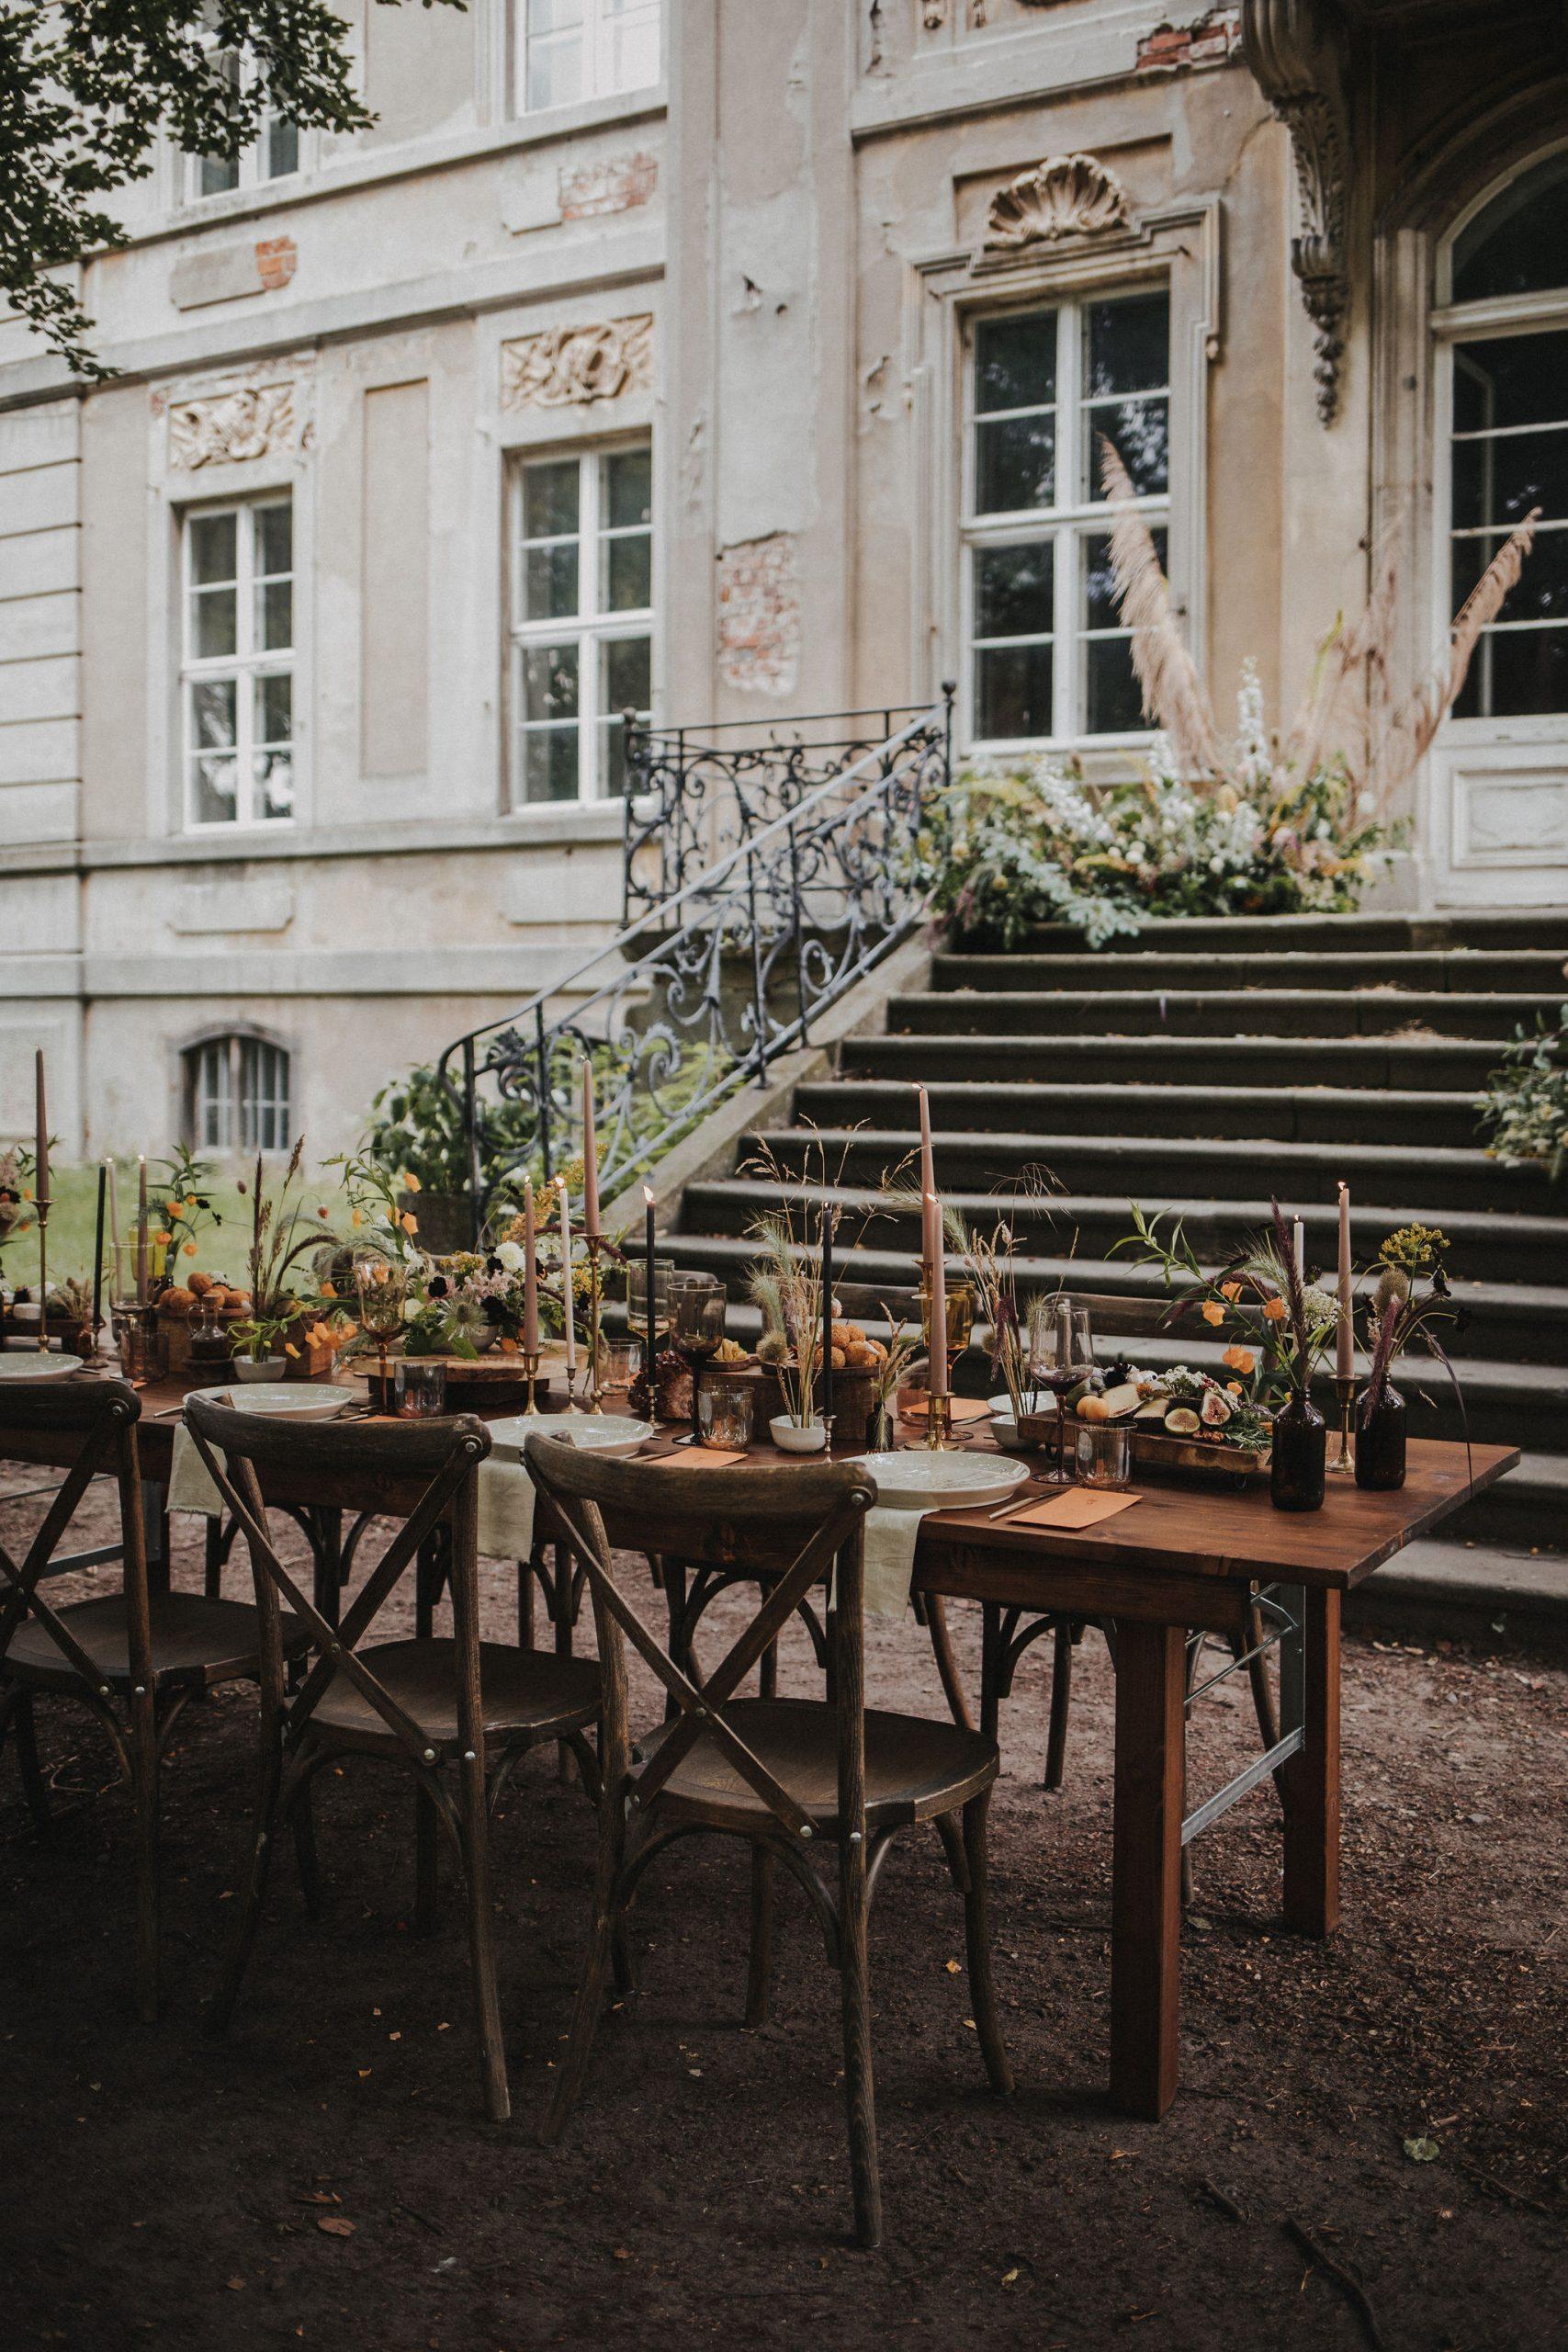 Ideen Hochzeit trotz Corona, Ideen Outdoor Hochzeit, Hochzeit draußen feiern, Hochzeit im Freien, Family Style Dinner Hochzeit  Tischdekoration